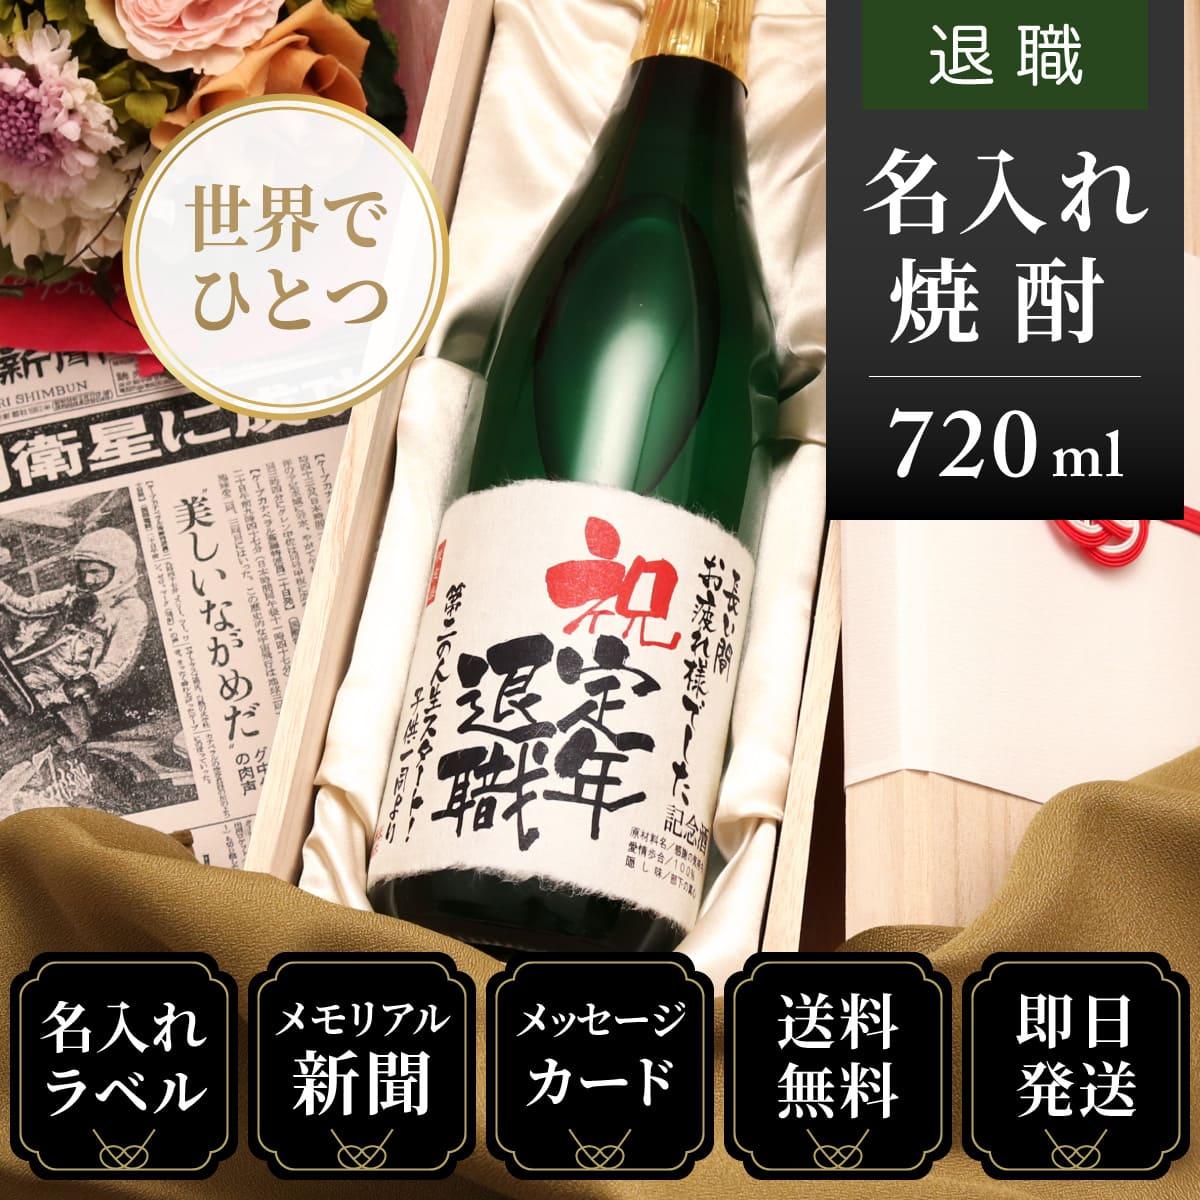 【退職のお祝いに】記念日新聞付き名入れ焼酎720ml≪華乃蕾≫【酒粕焼酎】